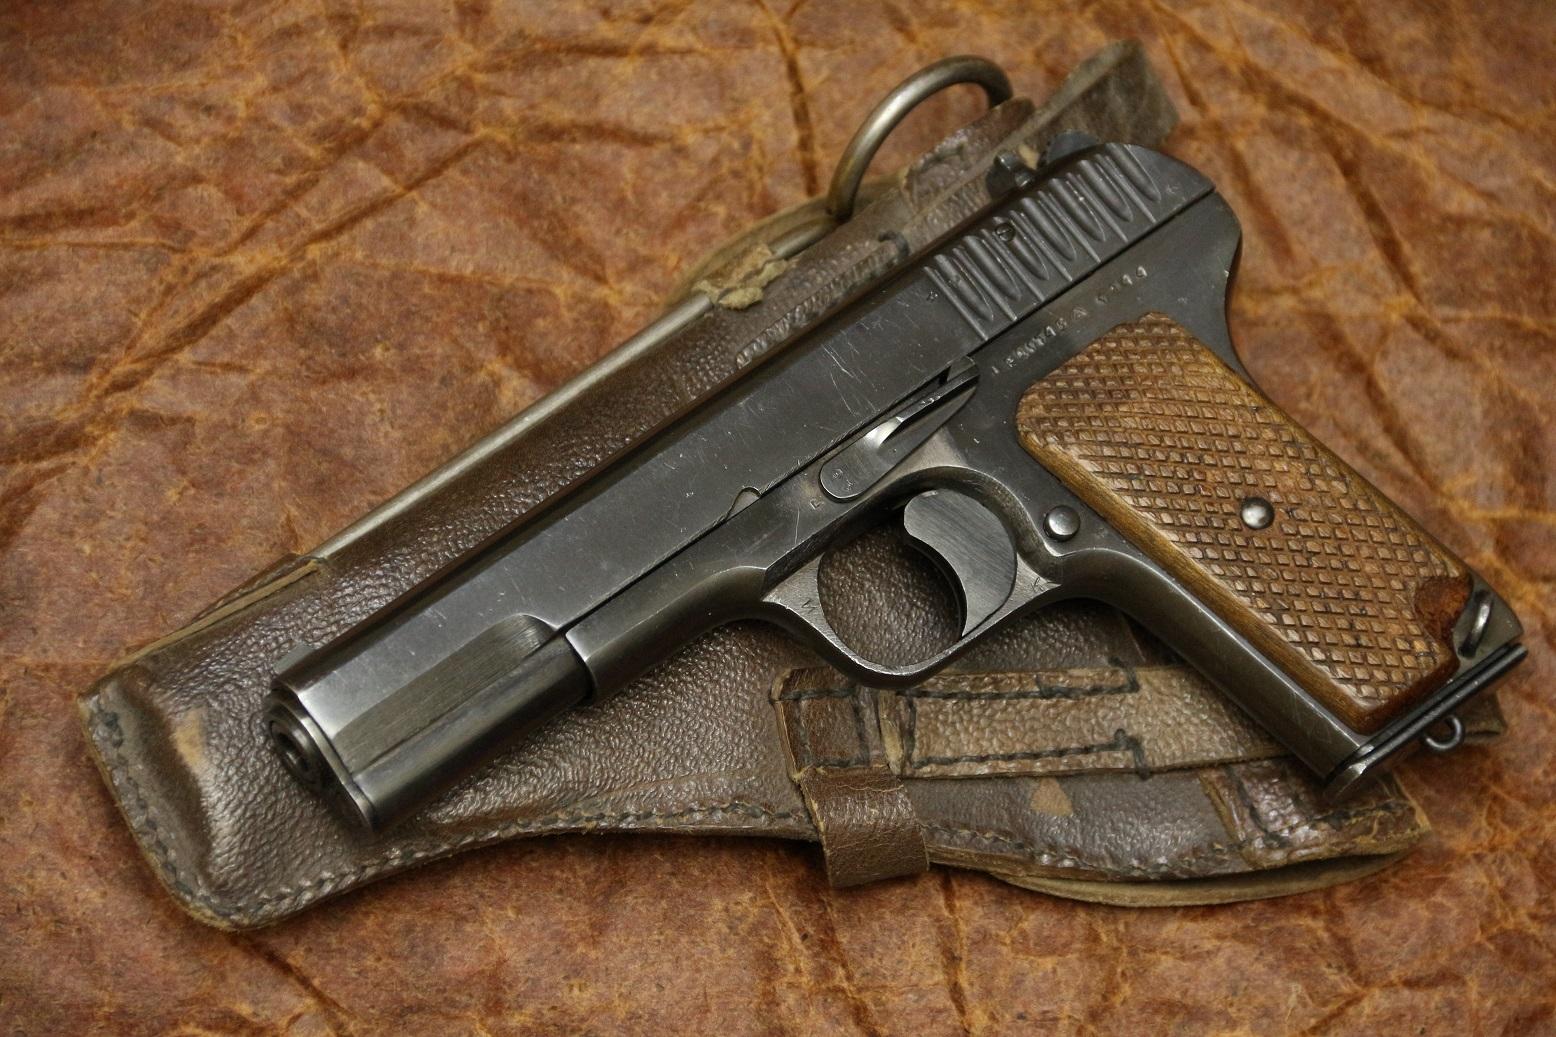 Фото Охолощенный пистолет ТТ-СХ 1944 года, №ЕД1746, комплект